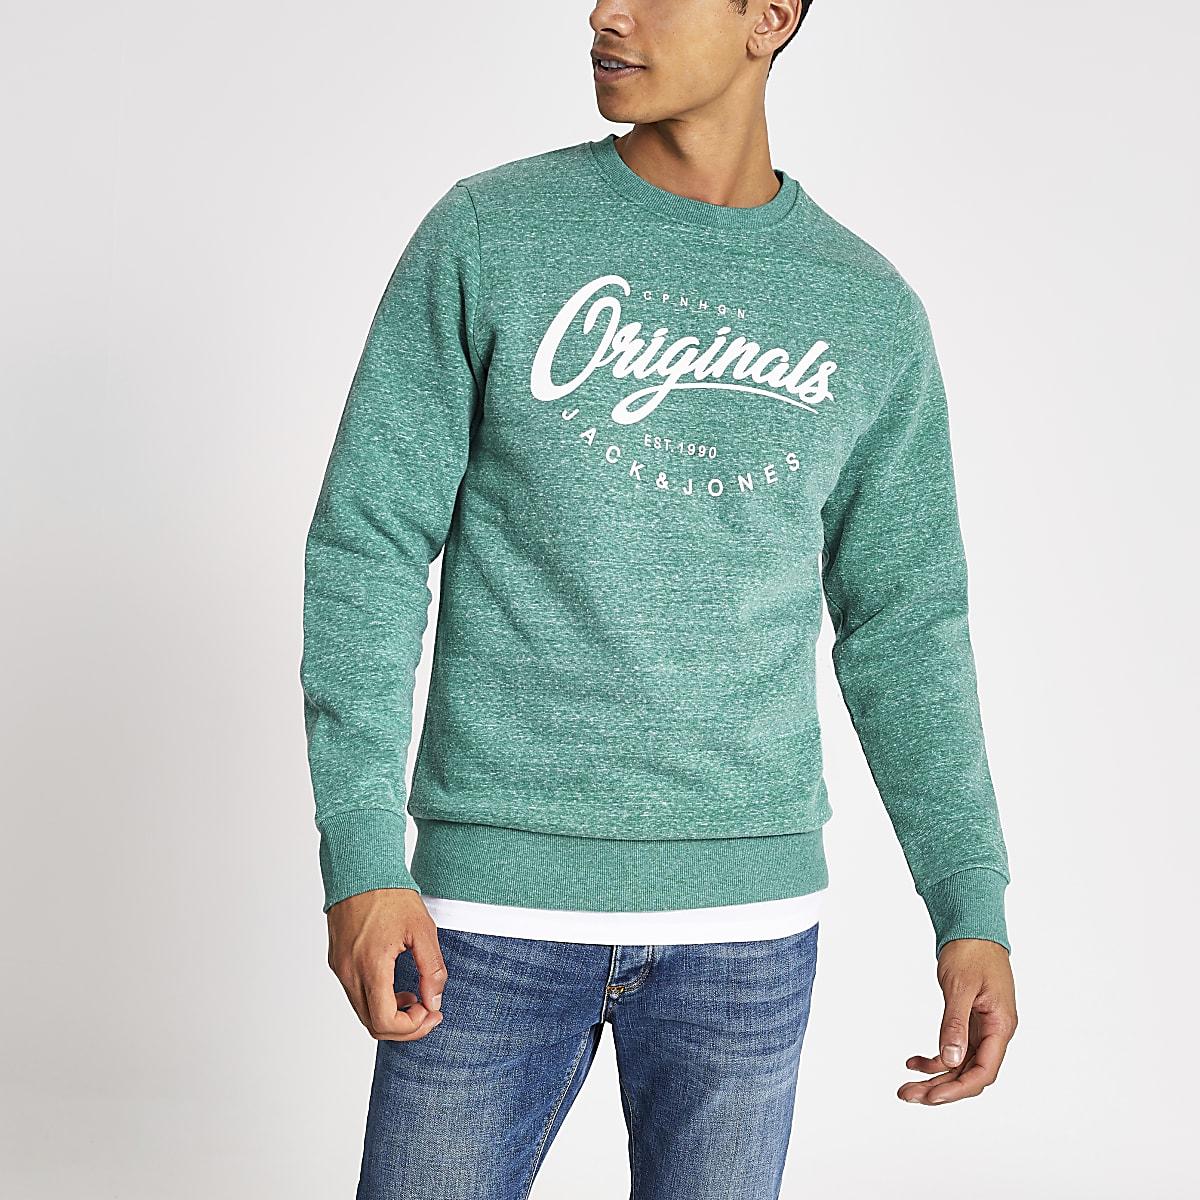 Jack and Jones - Groen sweatshirt met print